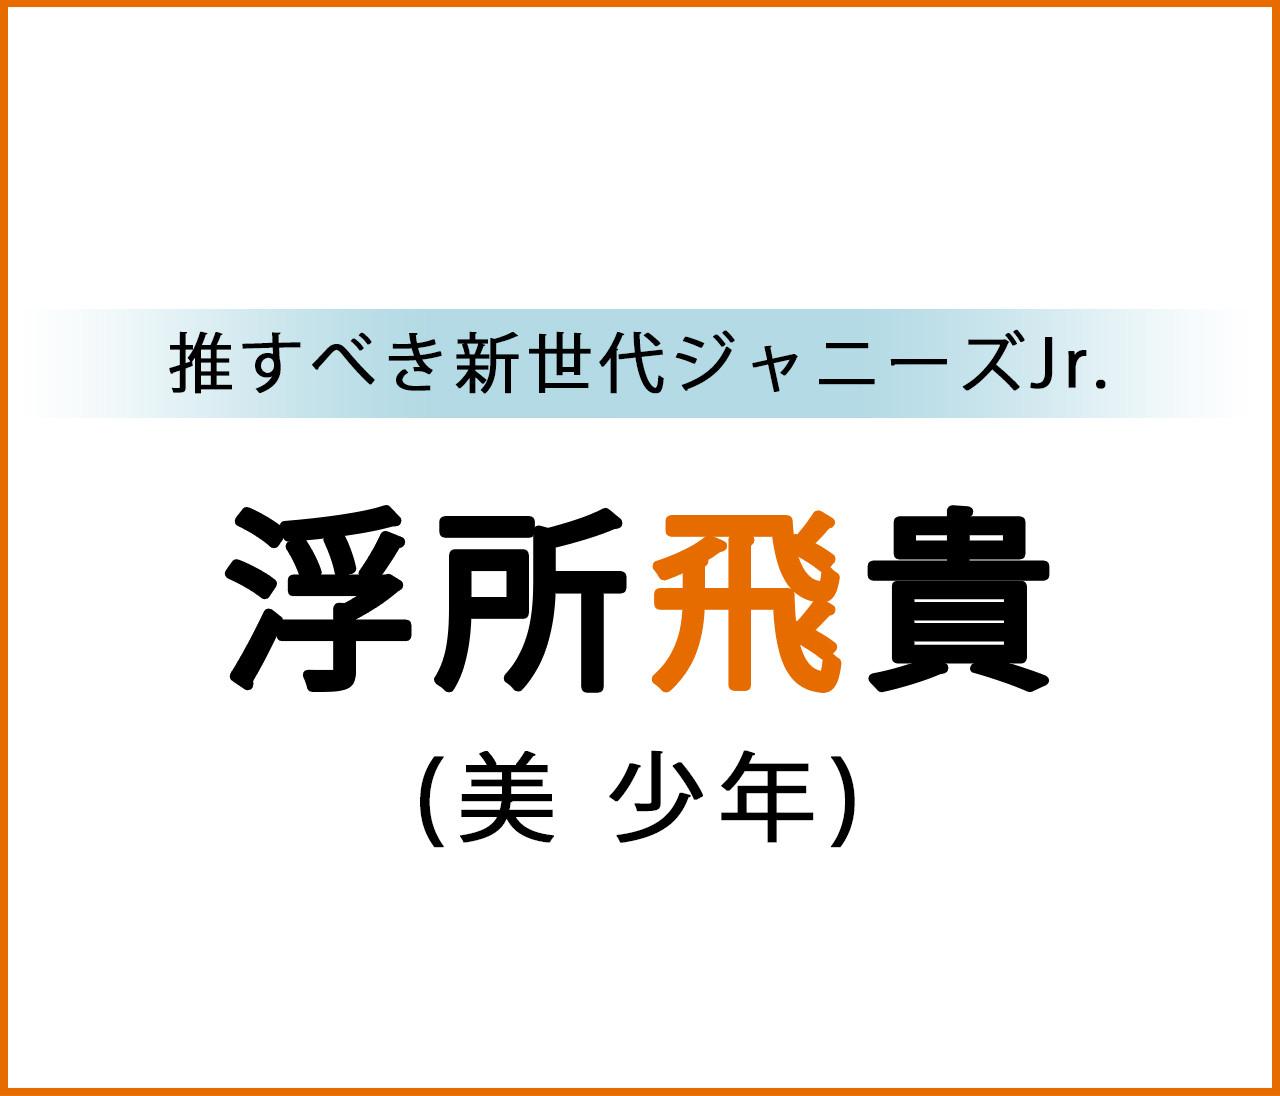 #美少年 #浮所飛貴 BAILA初登場スペシャルインタビュー!【新世代ジャニーズJr.】